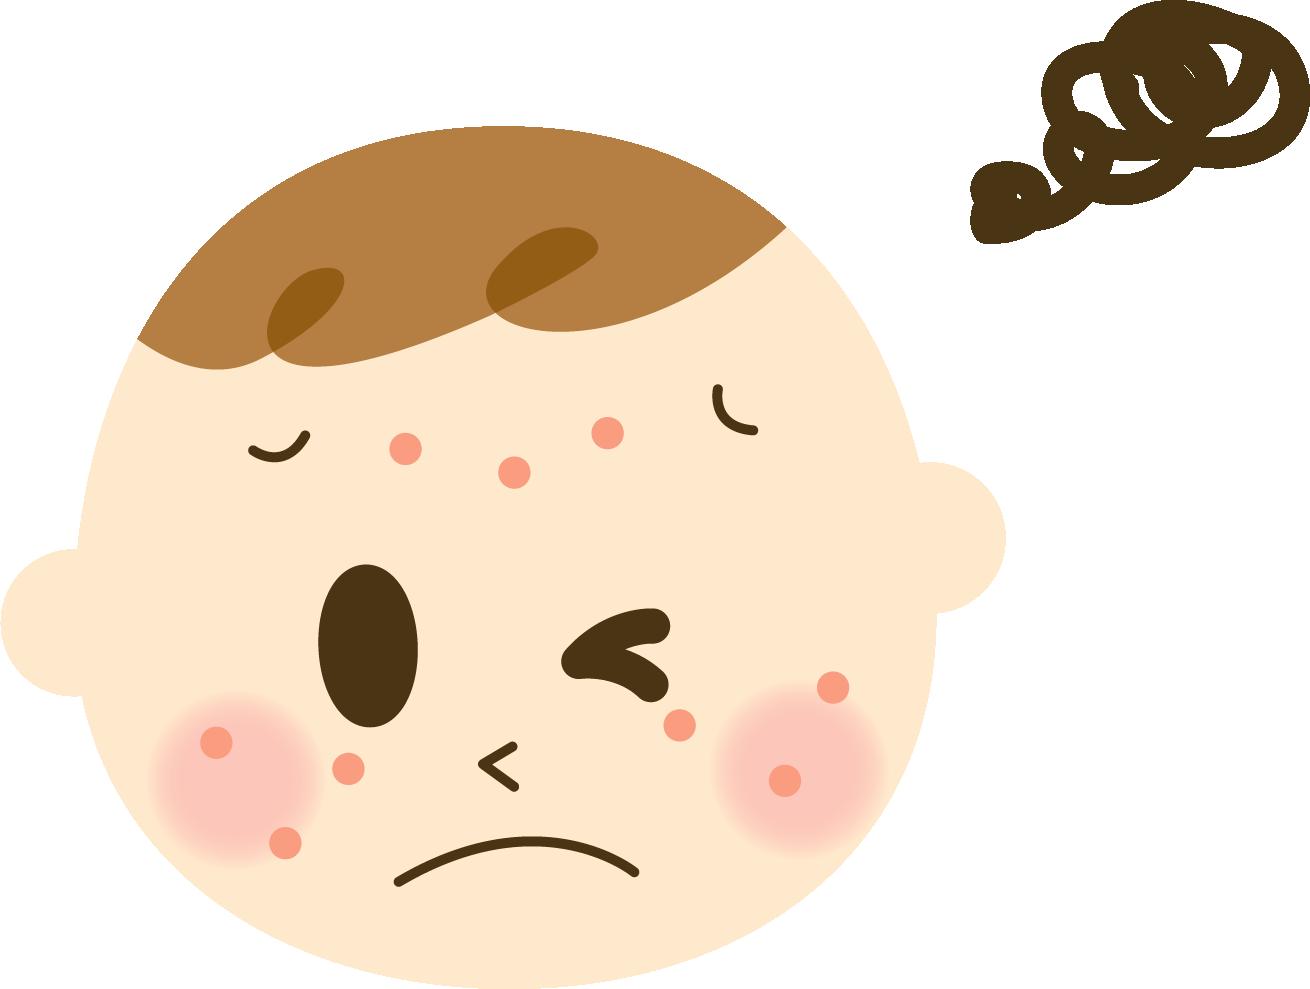 乳児期のアトピー性皮膚炎はその後の喘息や鼻炎の発症と強く関連している